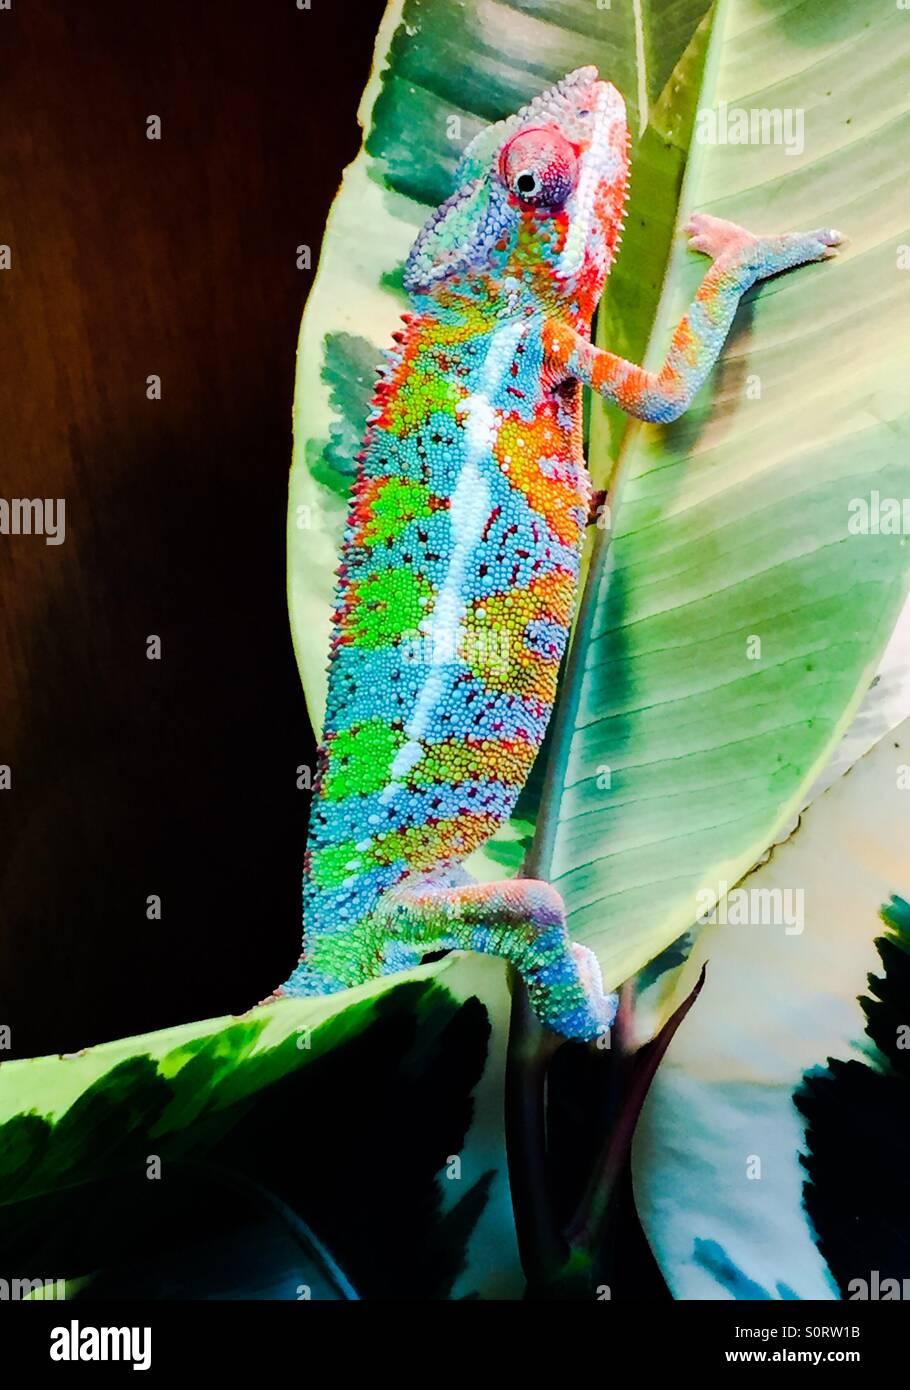 Ambilobe Panther chameleon - Stock Image